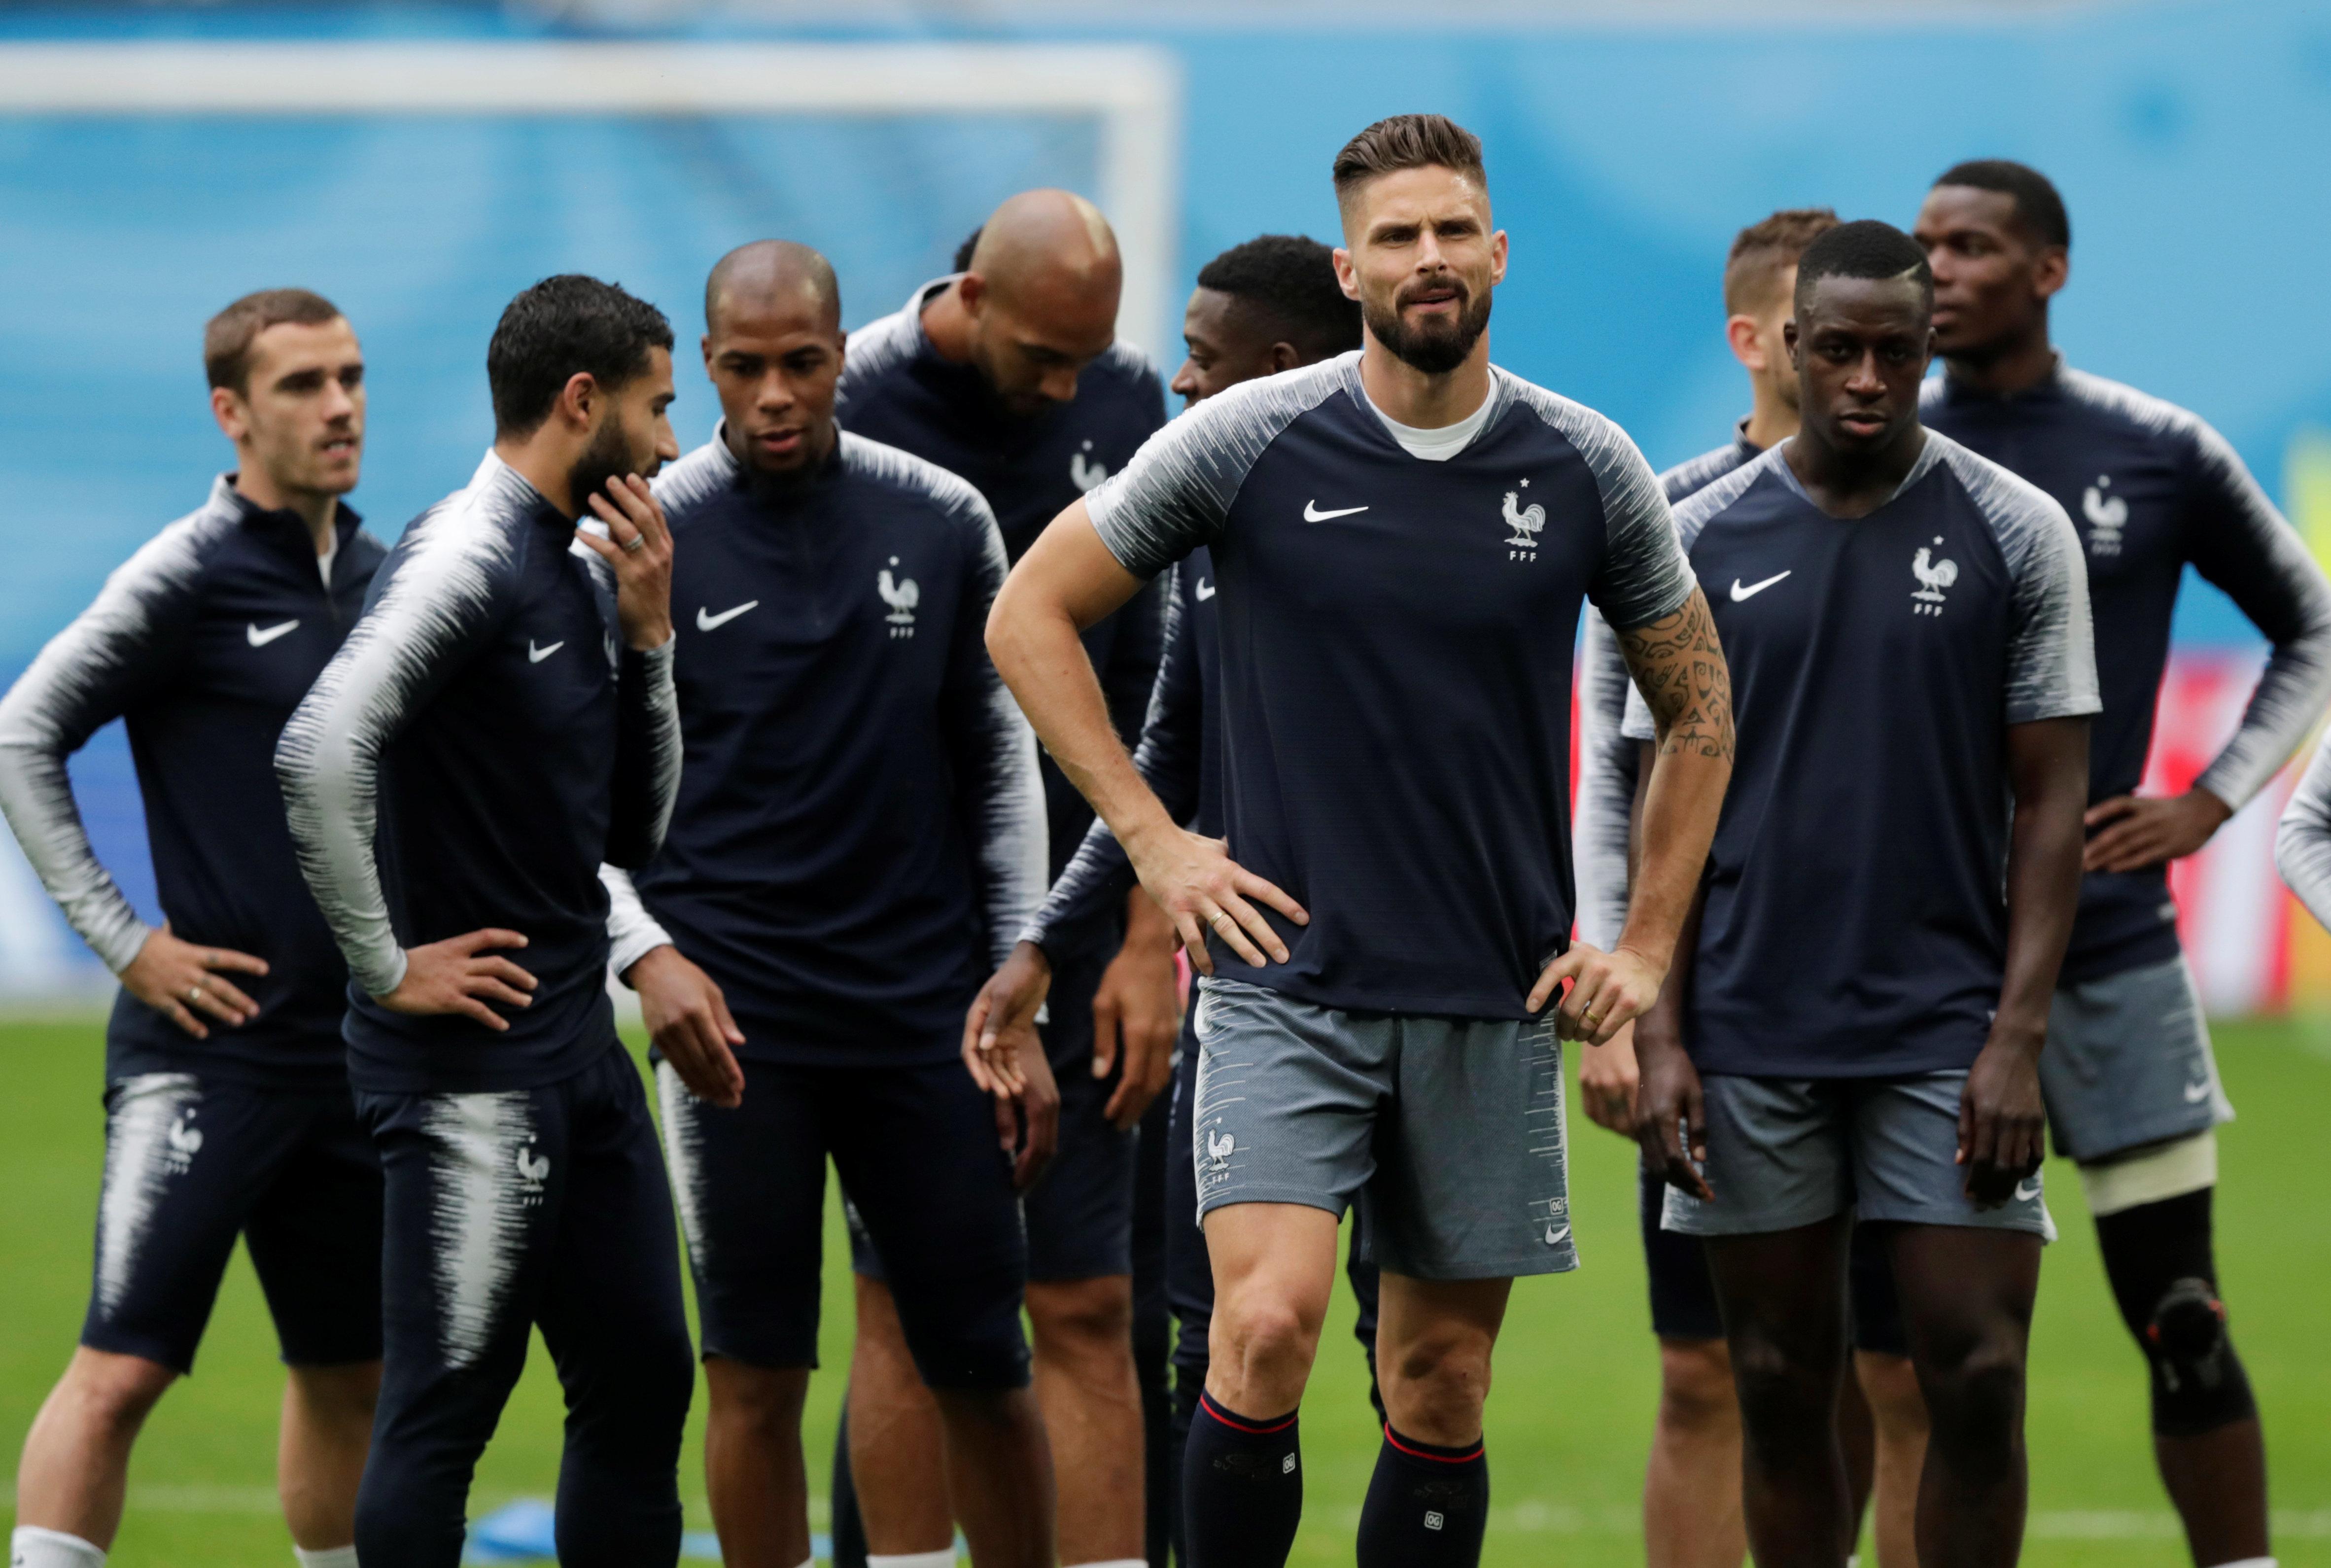 프랑스 사회에서는 축구대표팀에게 묻지 않는 질문이